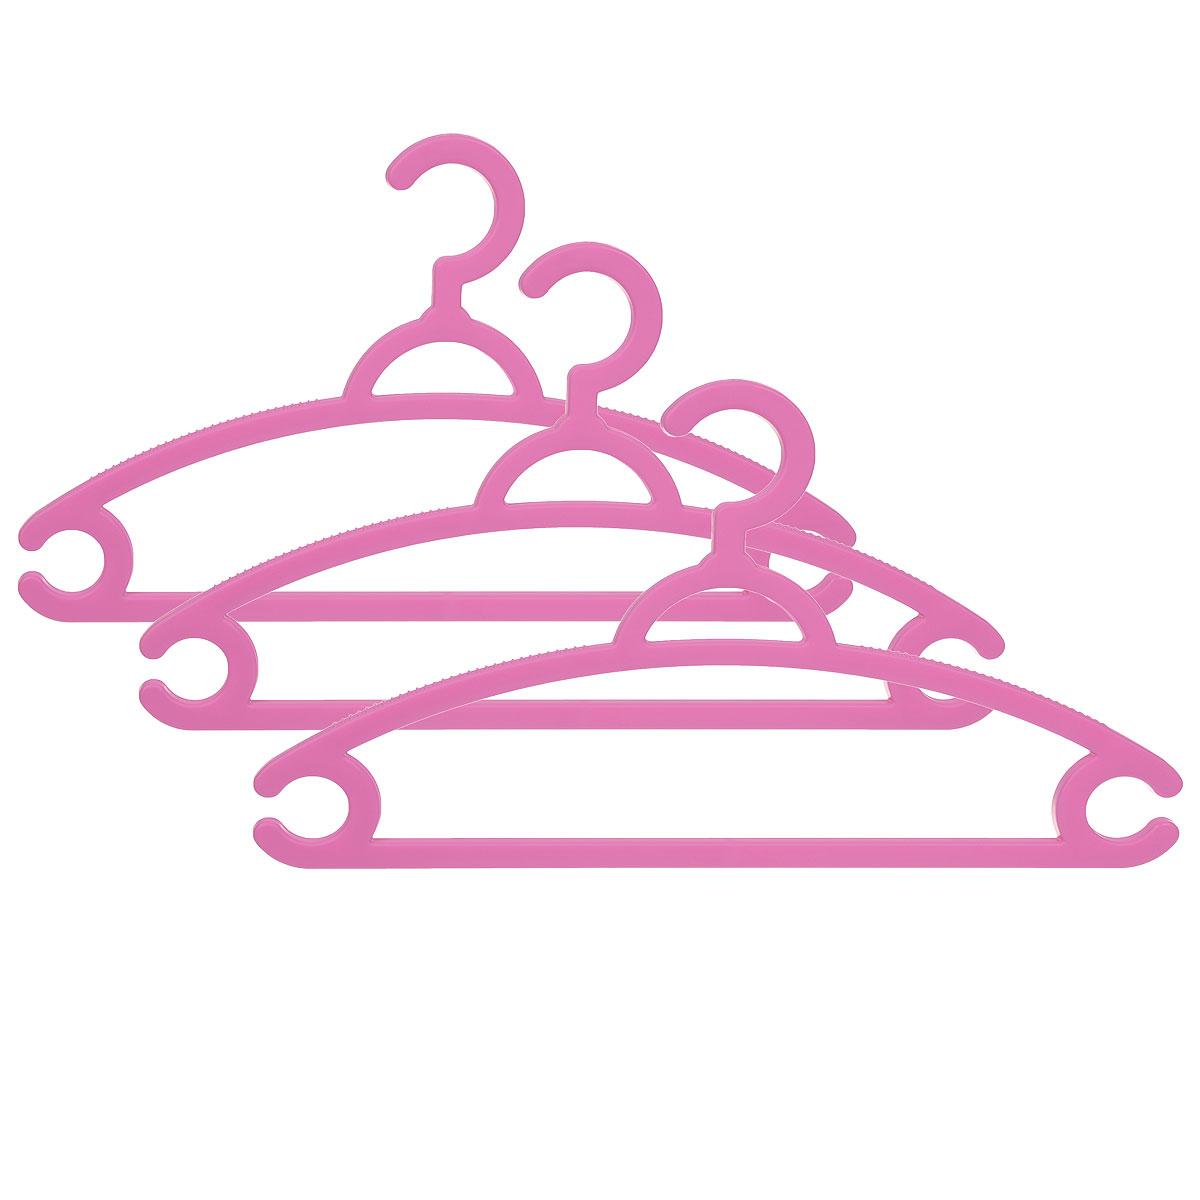 Набор вешалок для легкой одежды М-пластика, цвет: розовый, 3 шт1004900000360Набор М-пластика, выполненный из легкого и прочного пластика, состоит из трех вешалок.Изделия оснащены перекладинами и двумя крючками.Вешалка - это незаменимая вещь для того, чтобы ваша одежда всегда оставалась в хорошем состоянии.Комплектация: 3 шт.